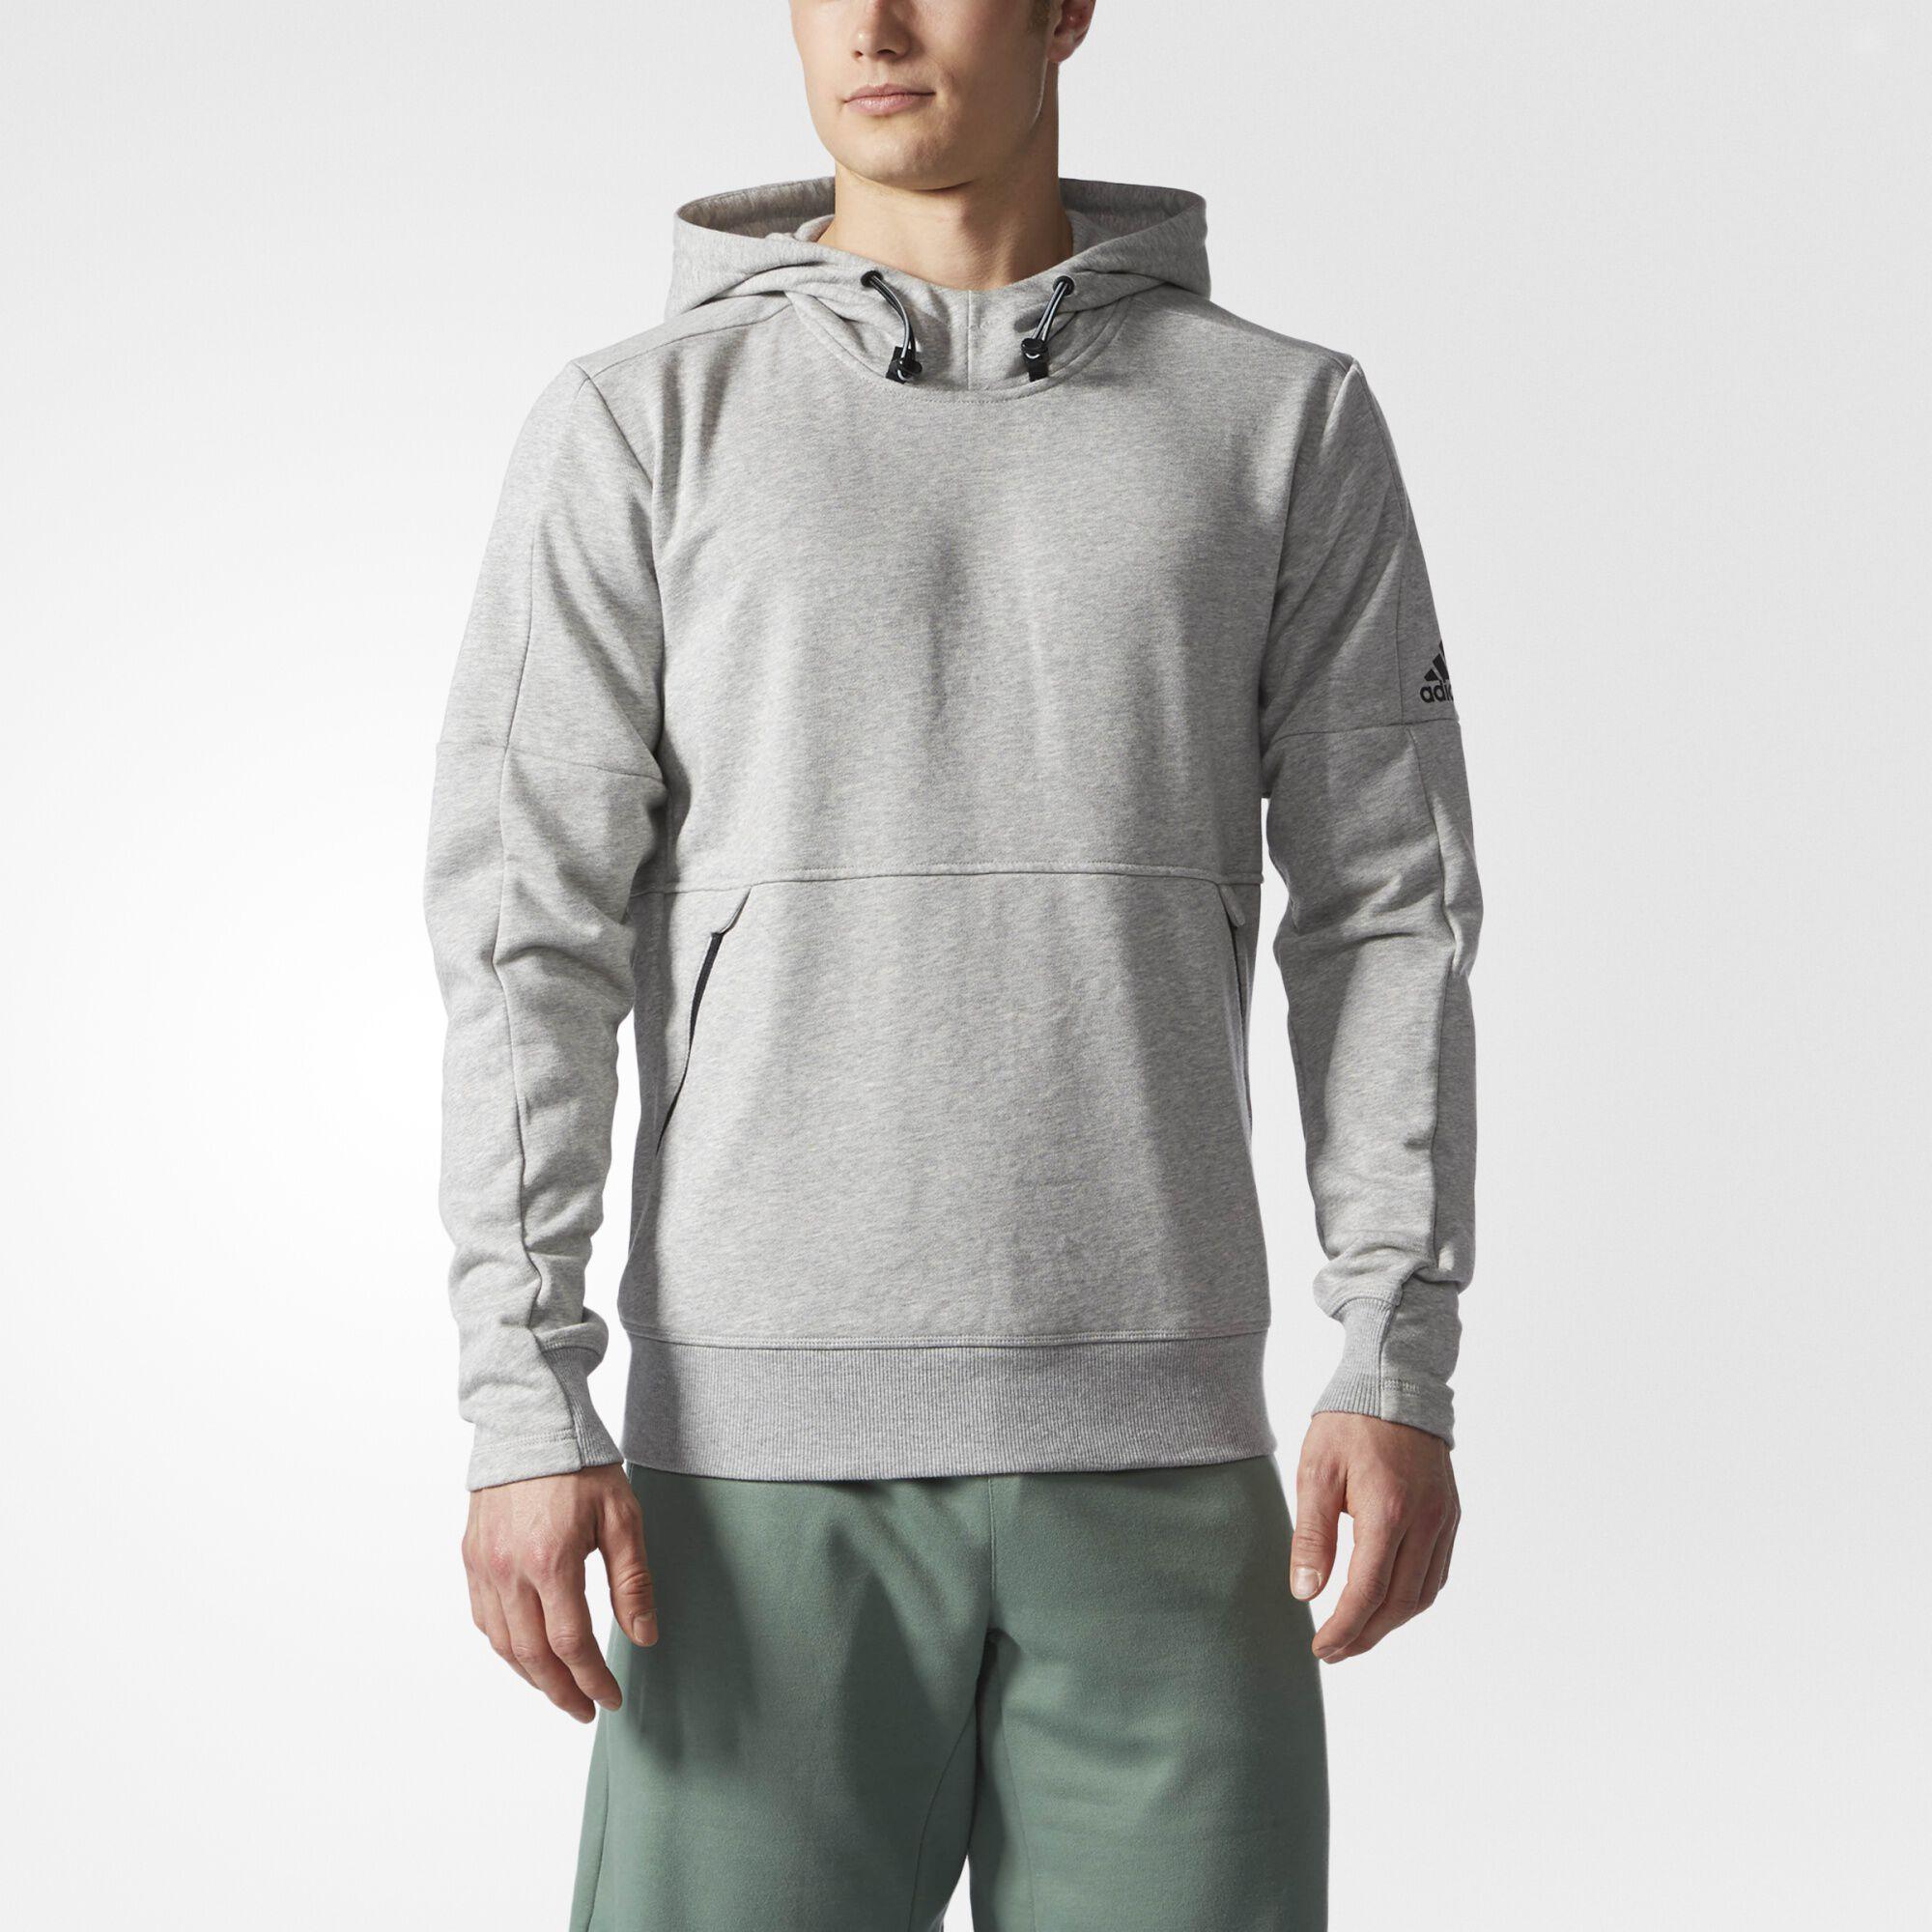 Comprar adidas hoodie OFF67% gris> OFF67% hoodie adidas Descuento 0595810 - antibiotikaamning.website